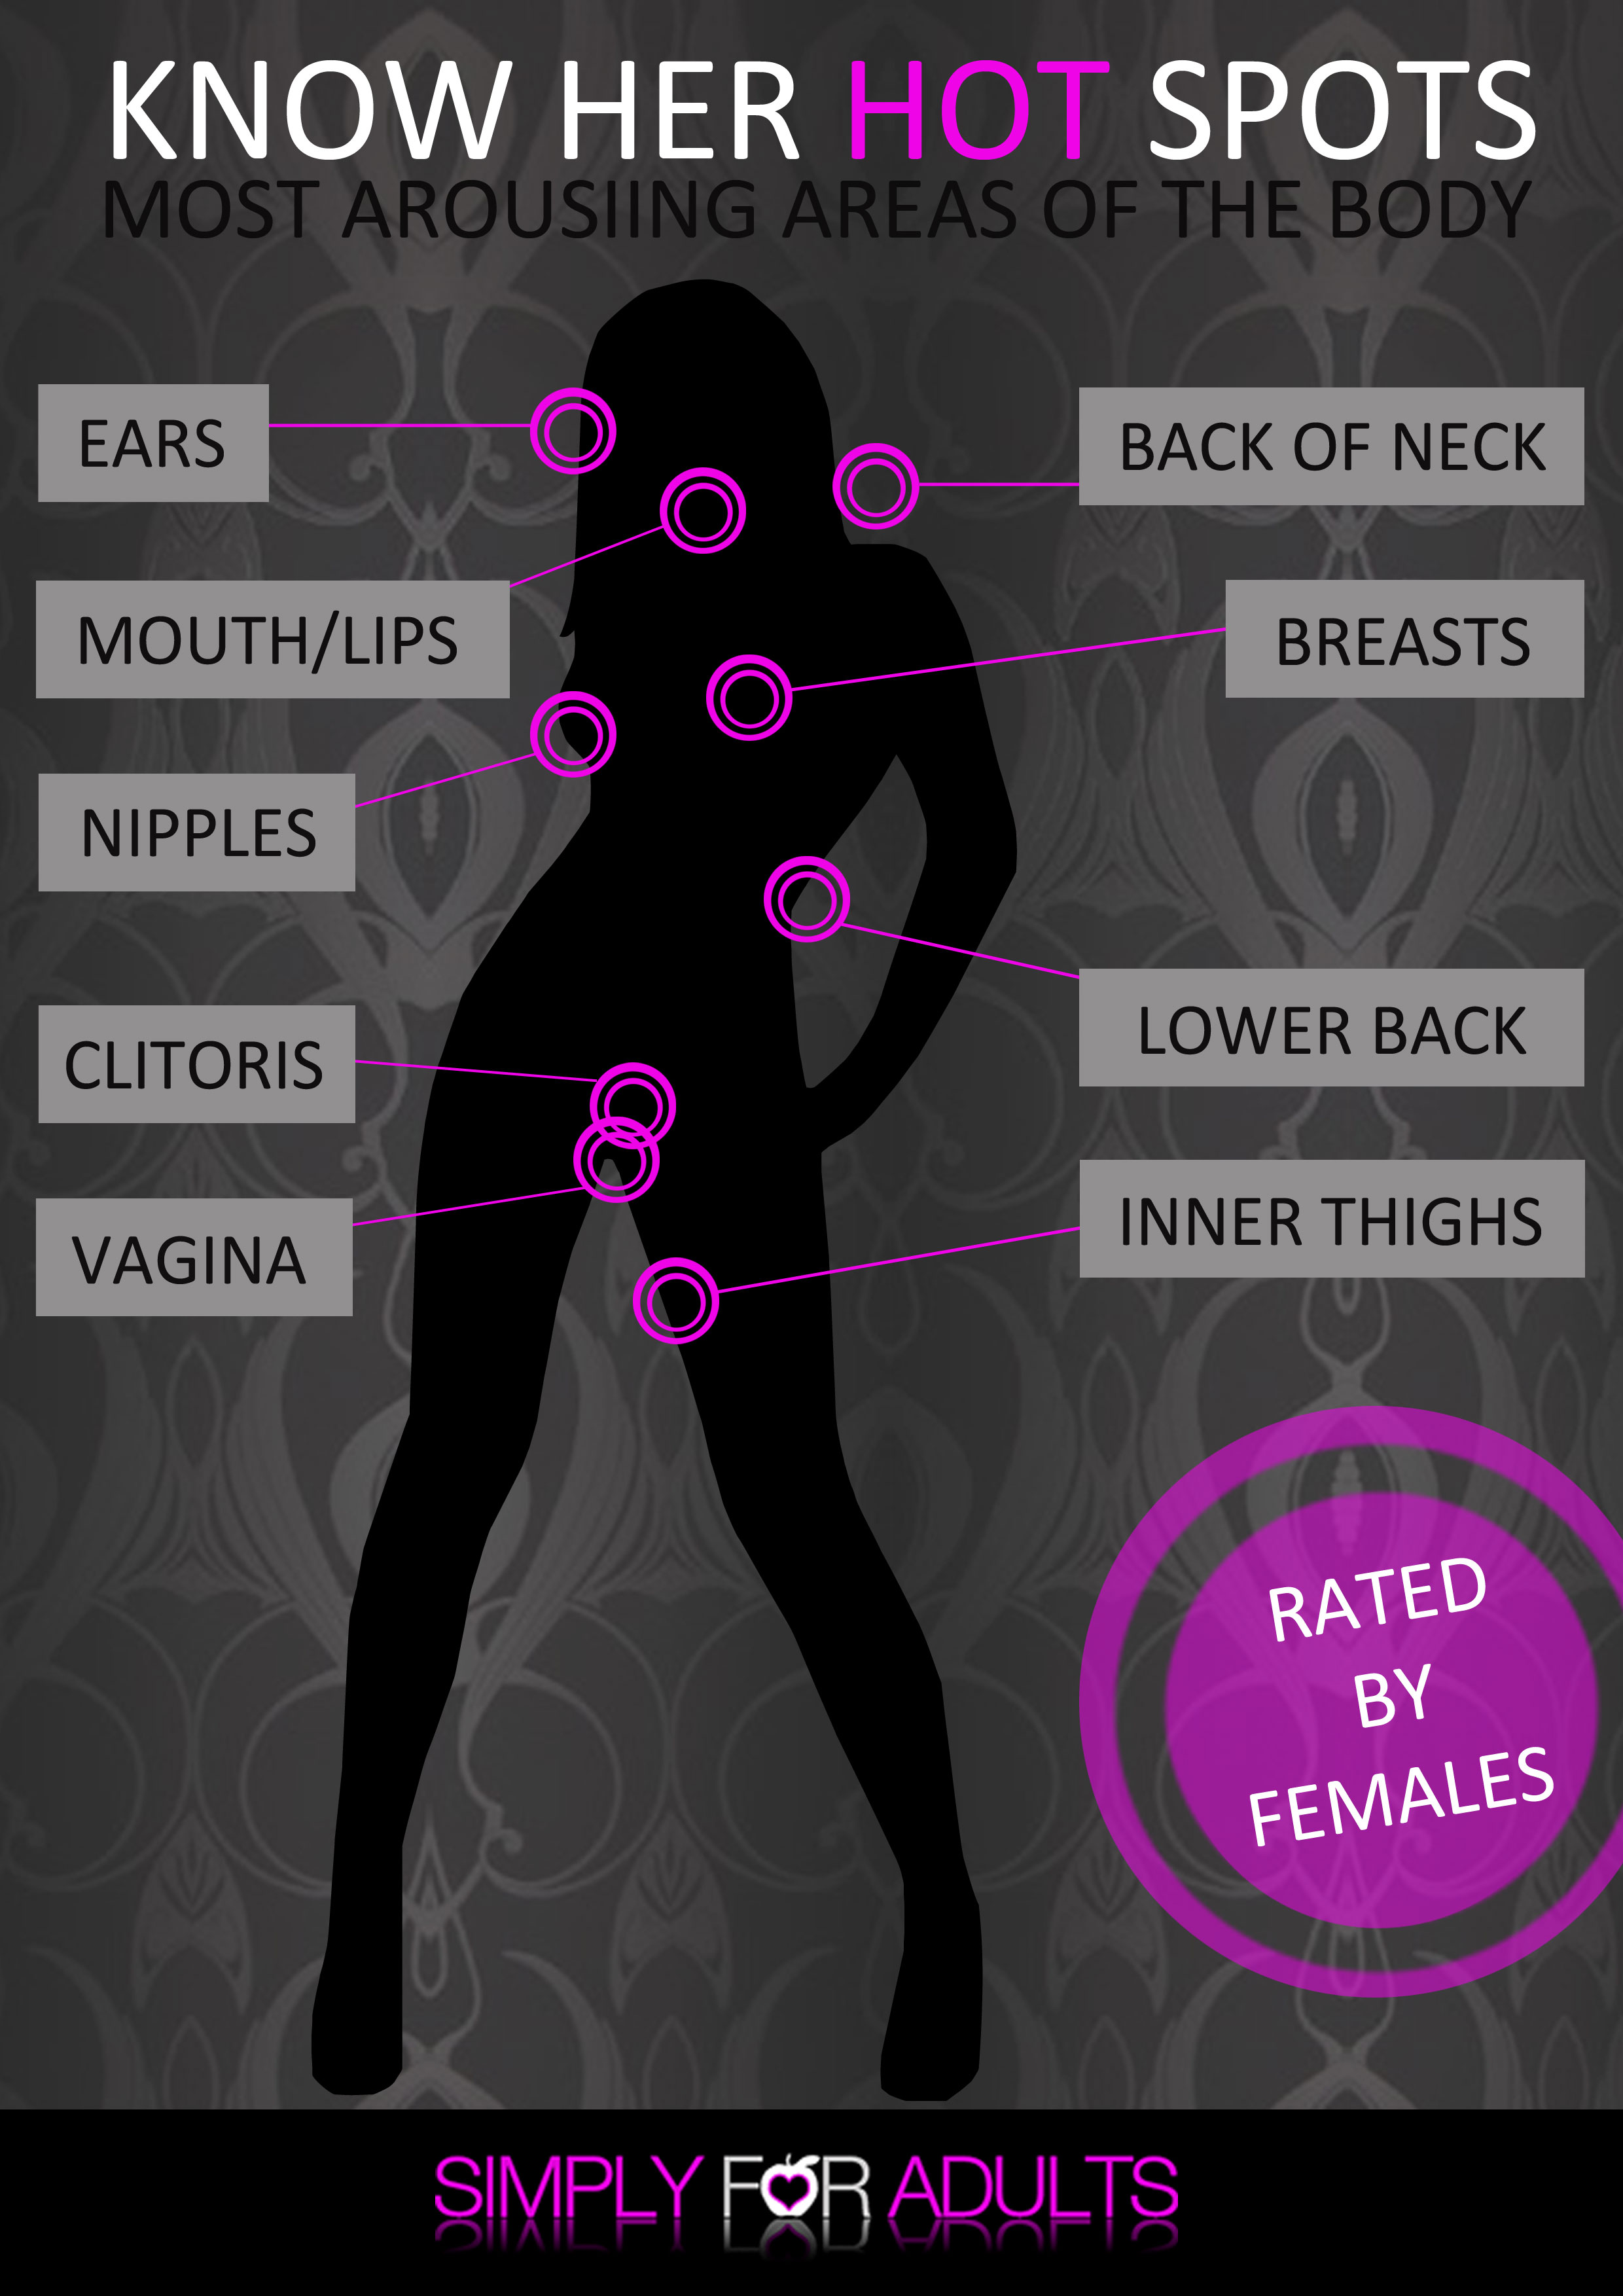 Top 10 női erogén zóna: A legérzékenyebb pontok, egyenesen az orgazmusig! 3